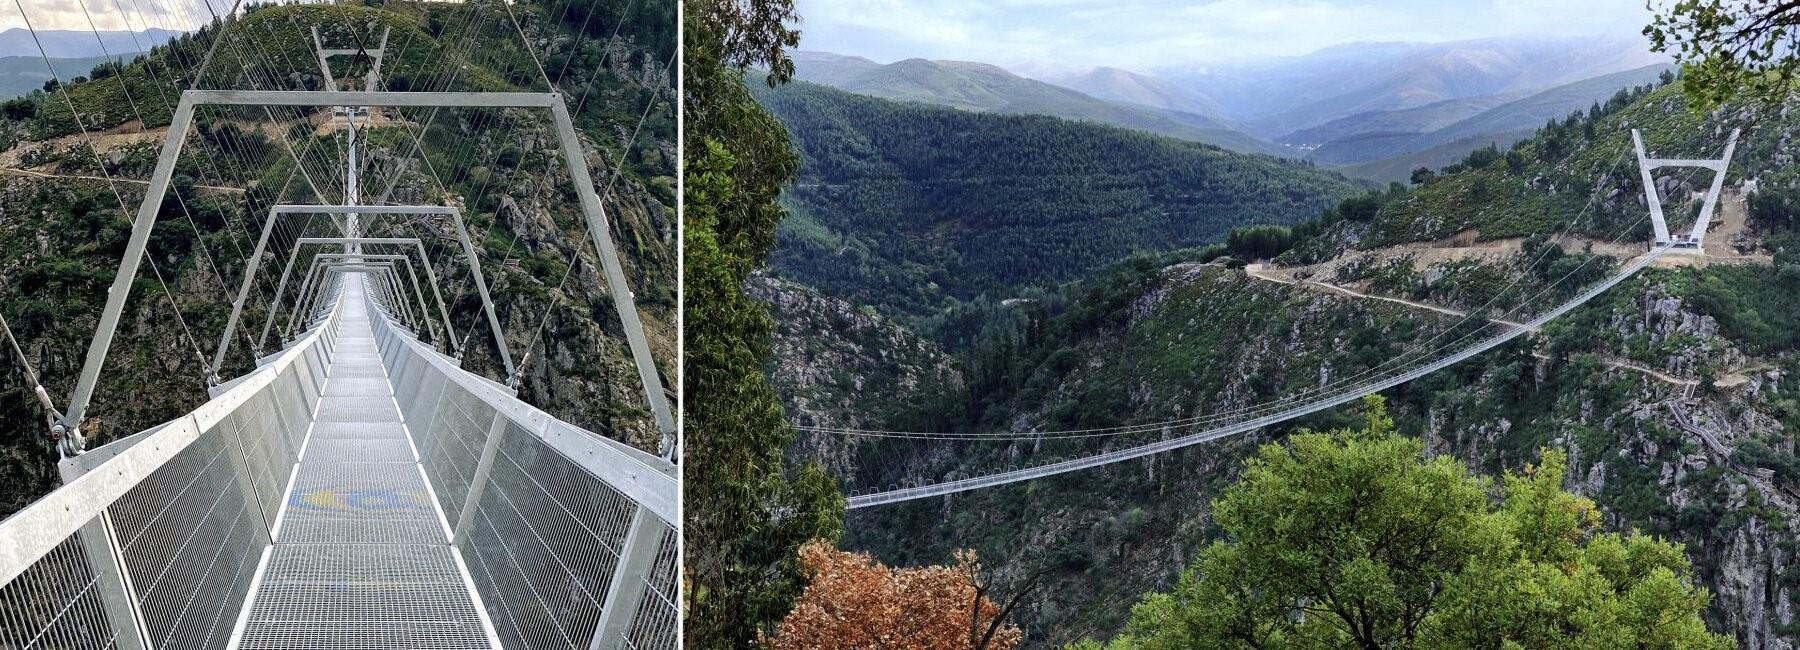 Bồ Đào Nha khai trương cây cầu dài nhất thế giới dành cho người đi bộ